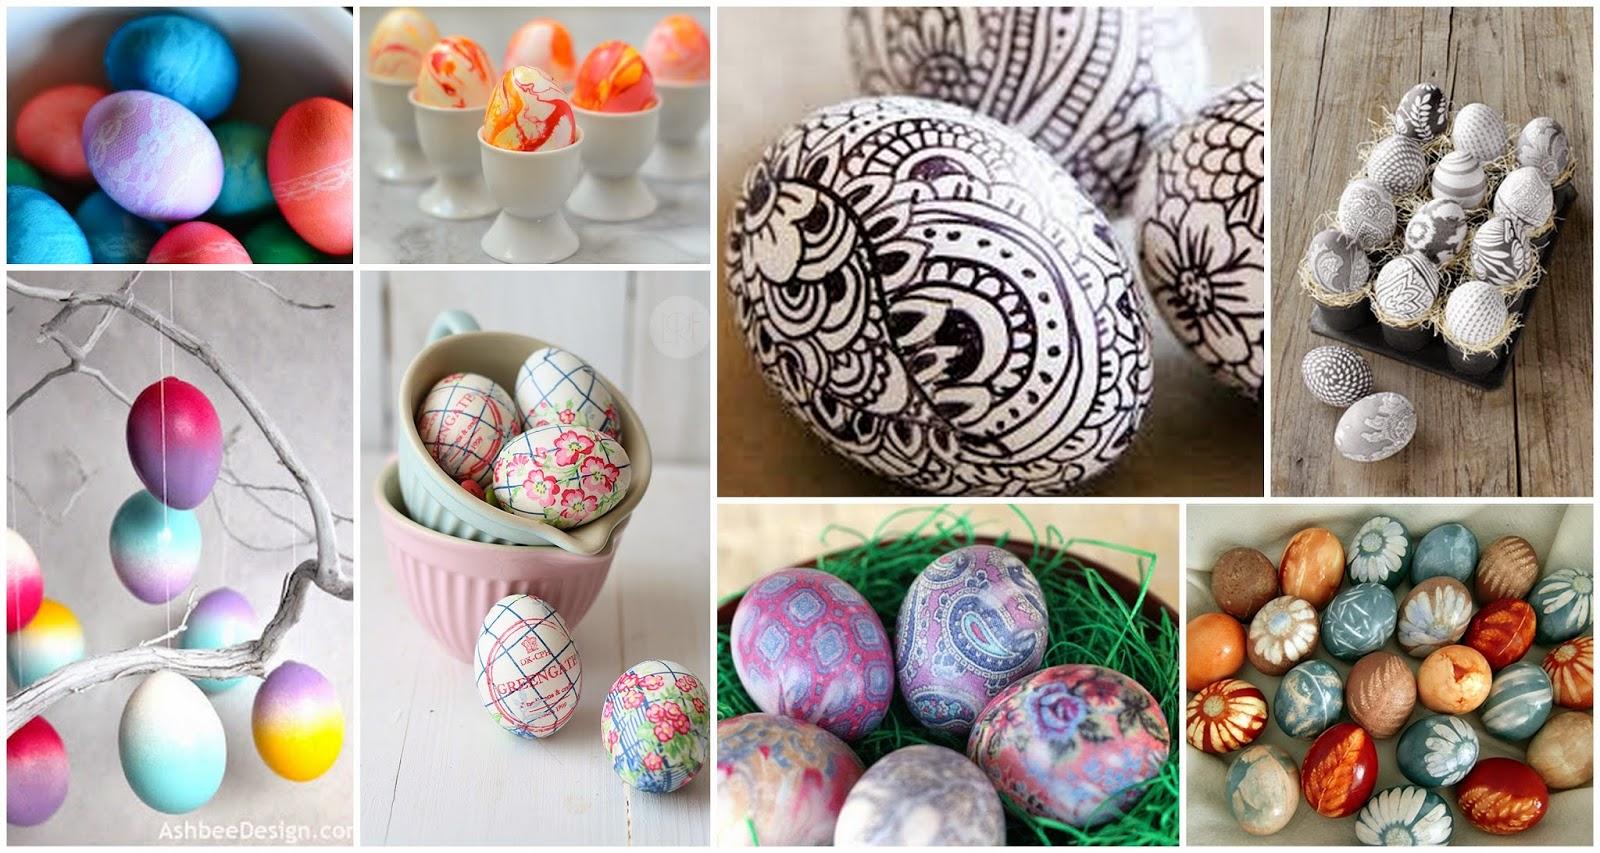 10 sposobów na ozdobienie wielkanocnych jajek których jeszcze nie znacie.